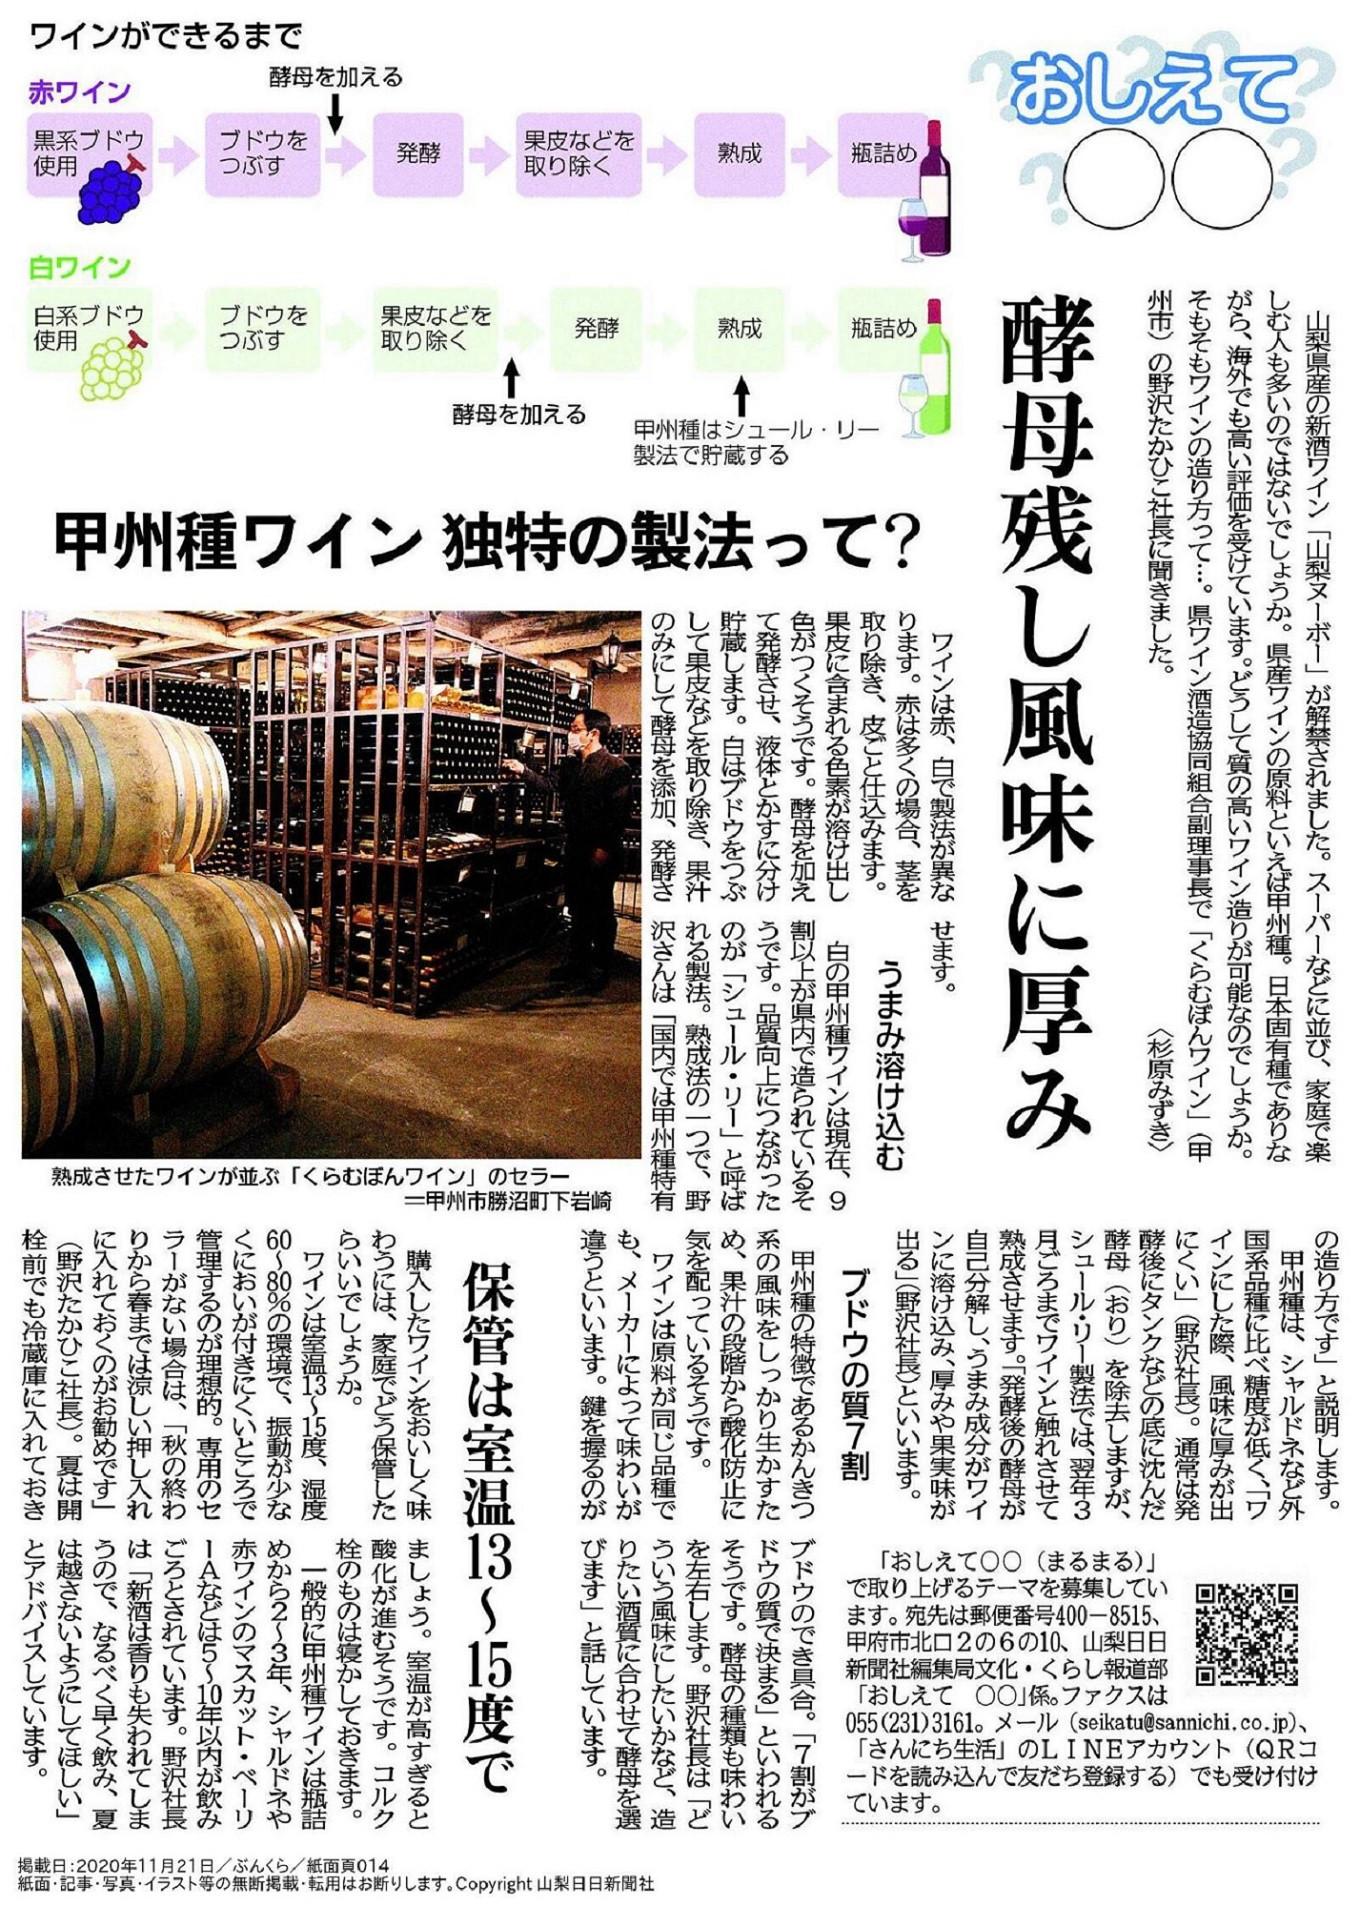 山梨日日新聞社より、記事掲載の許可を得ております。